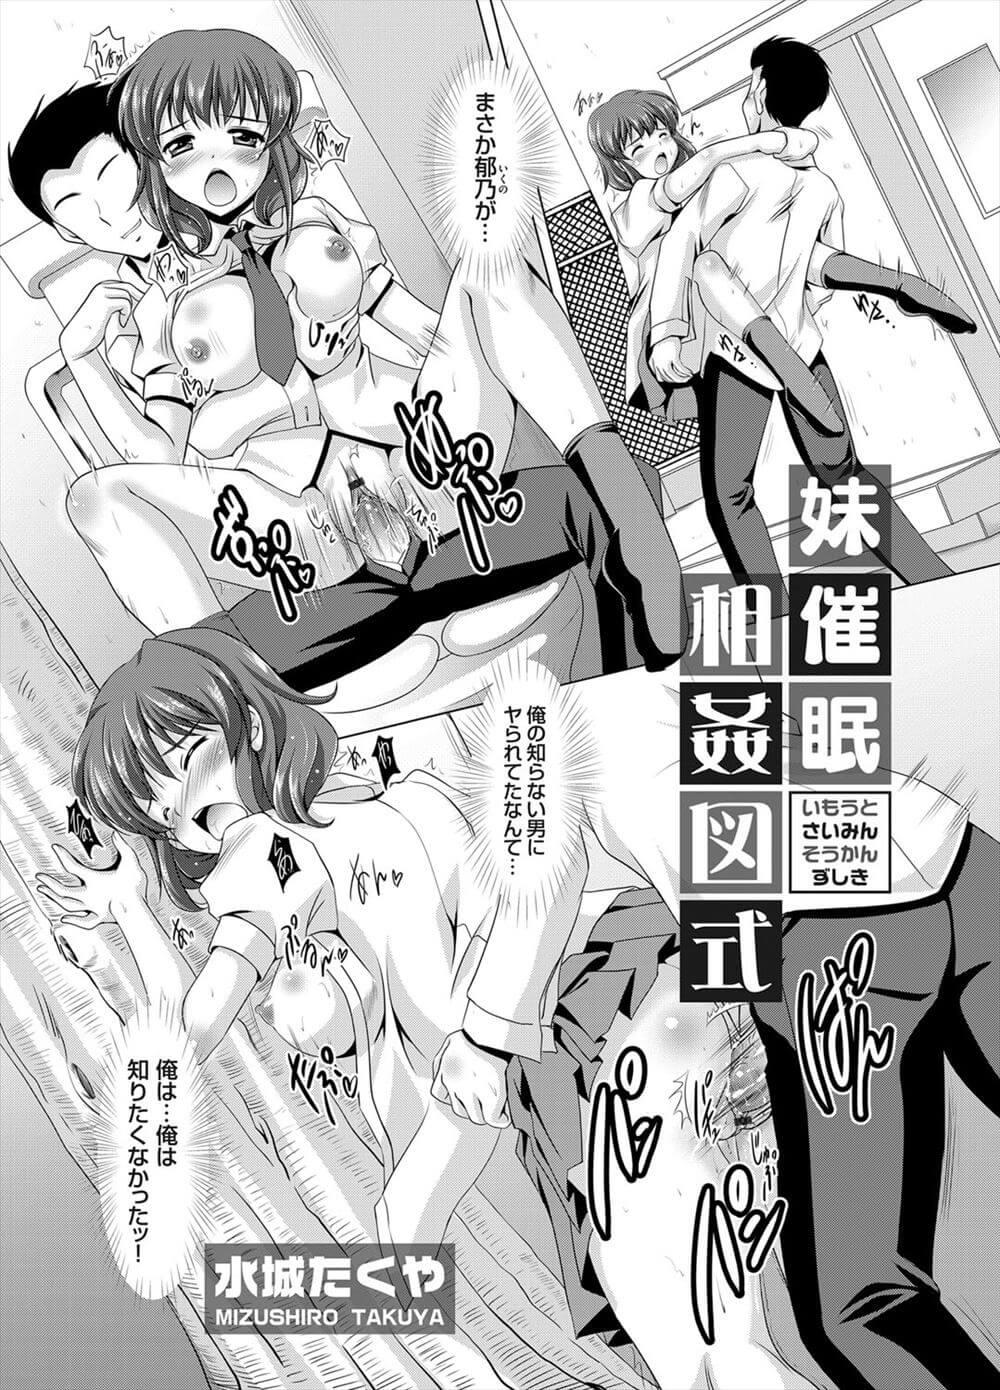 【エロ漫画】時沢はJKのみおりに告白されるがヤダと断り、1限目からフケるとみおりがついて来る。【無料 エロ同人】